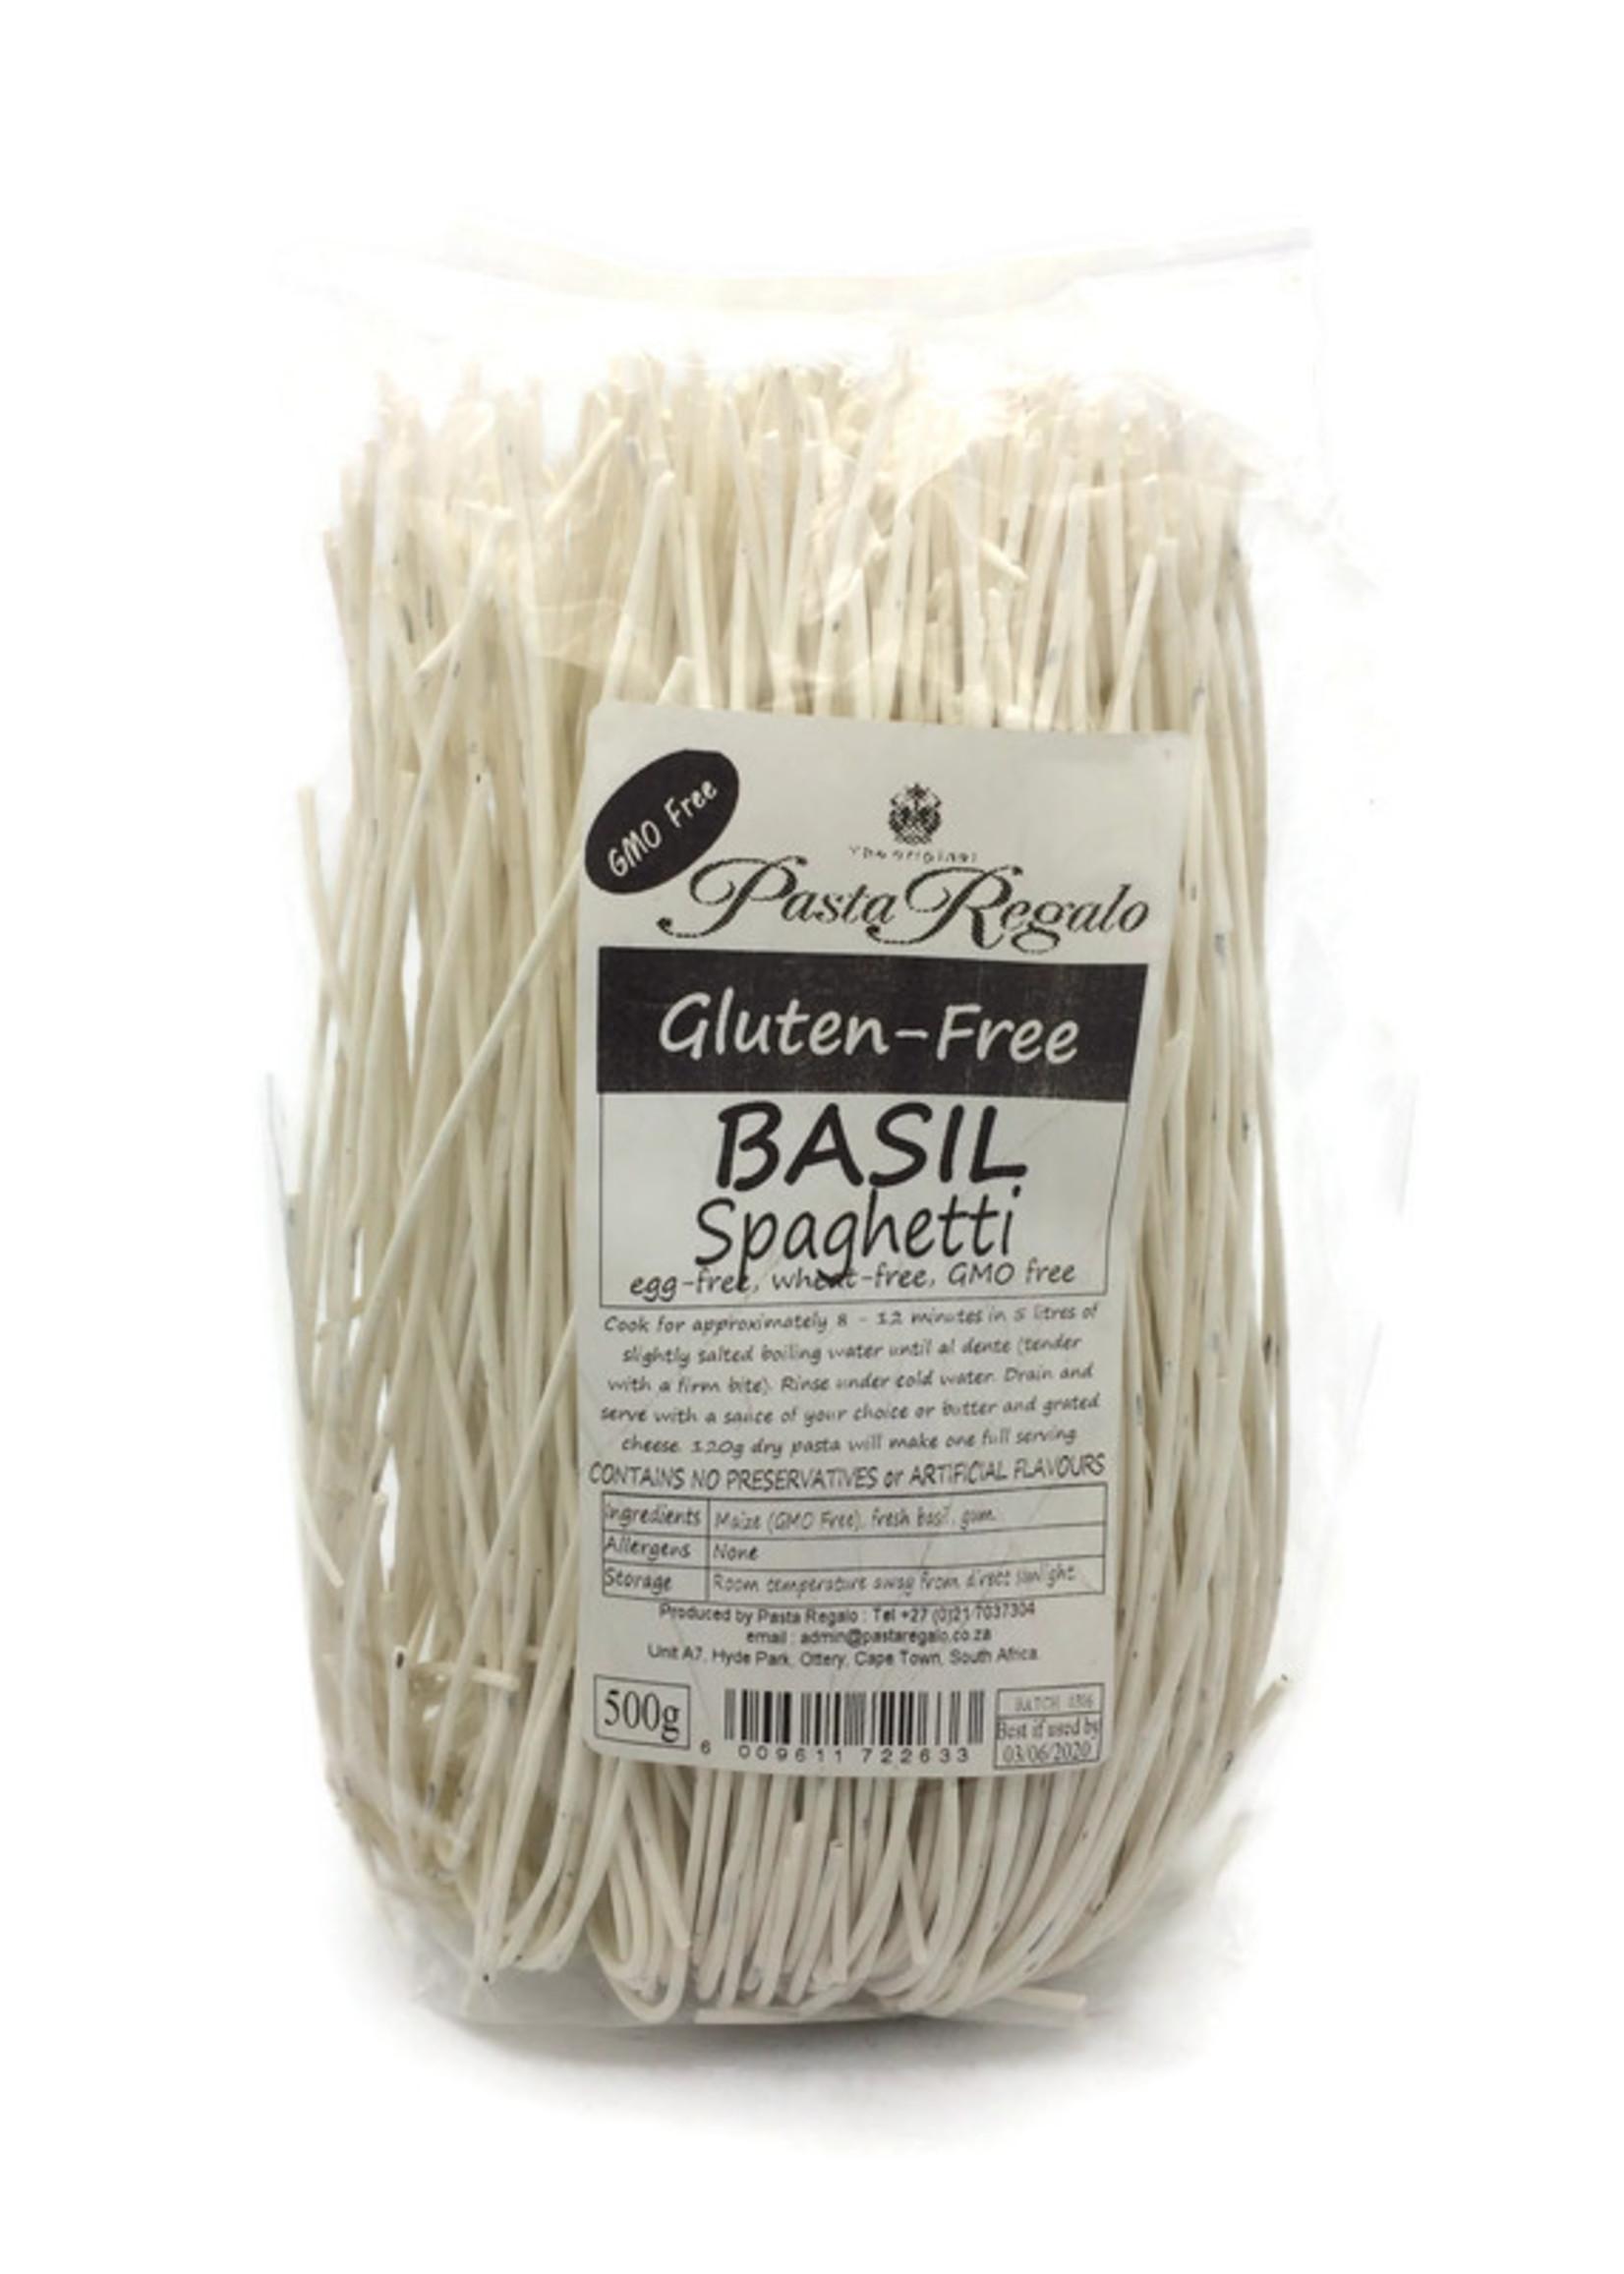 Pasta Regalo Pasta Regalo - Gluten-Free Spaghetti